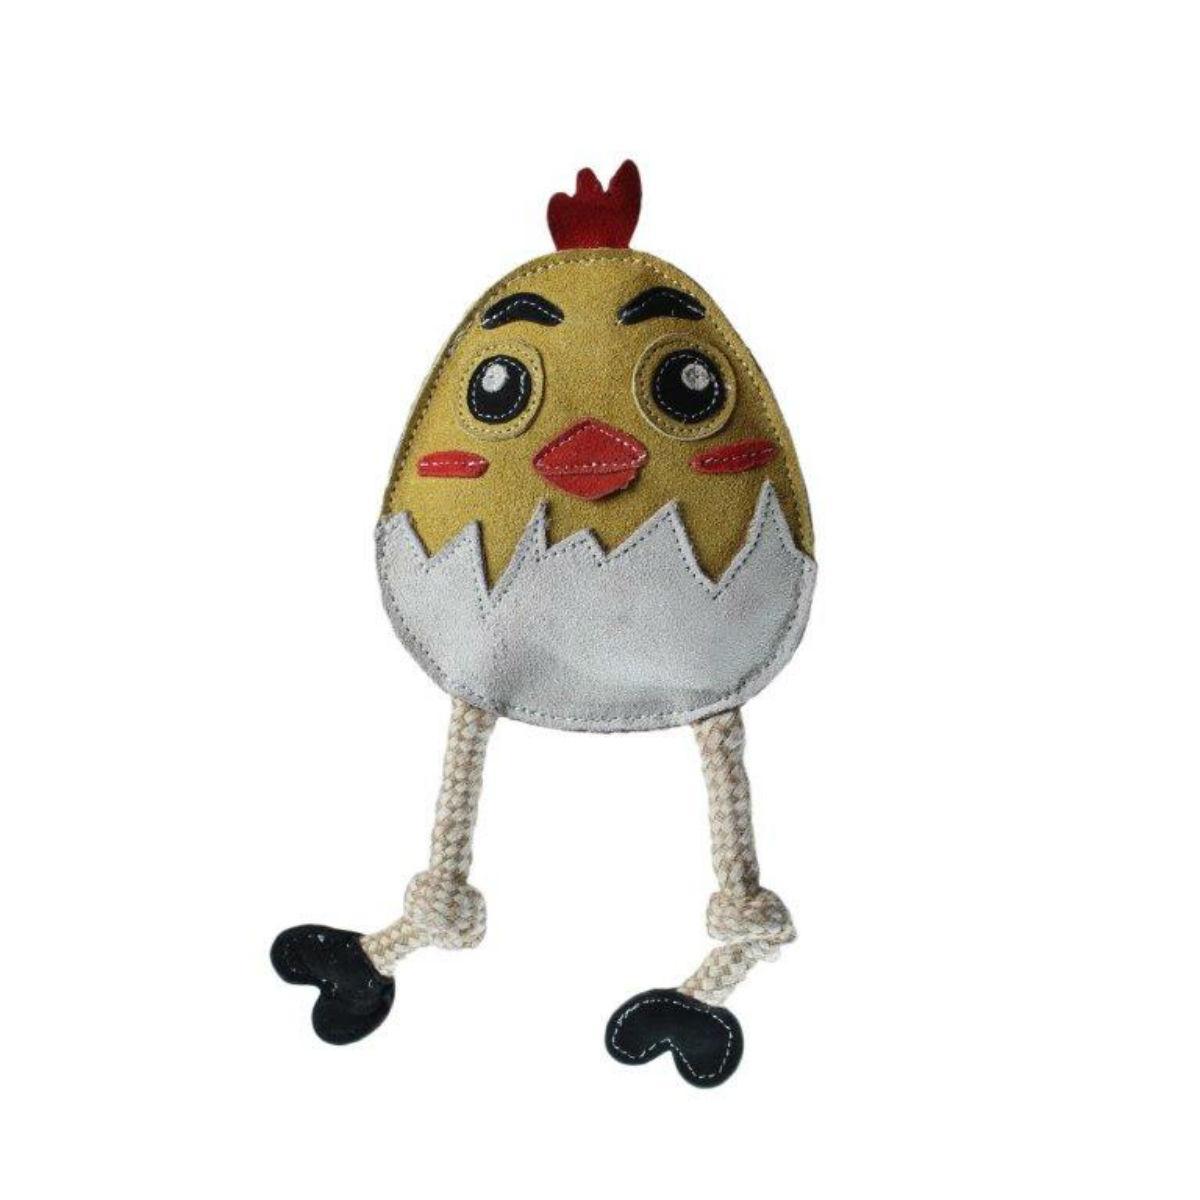 Flattie Dog Toy by Aussie Naturals - Chicken